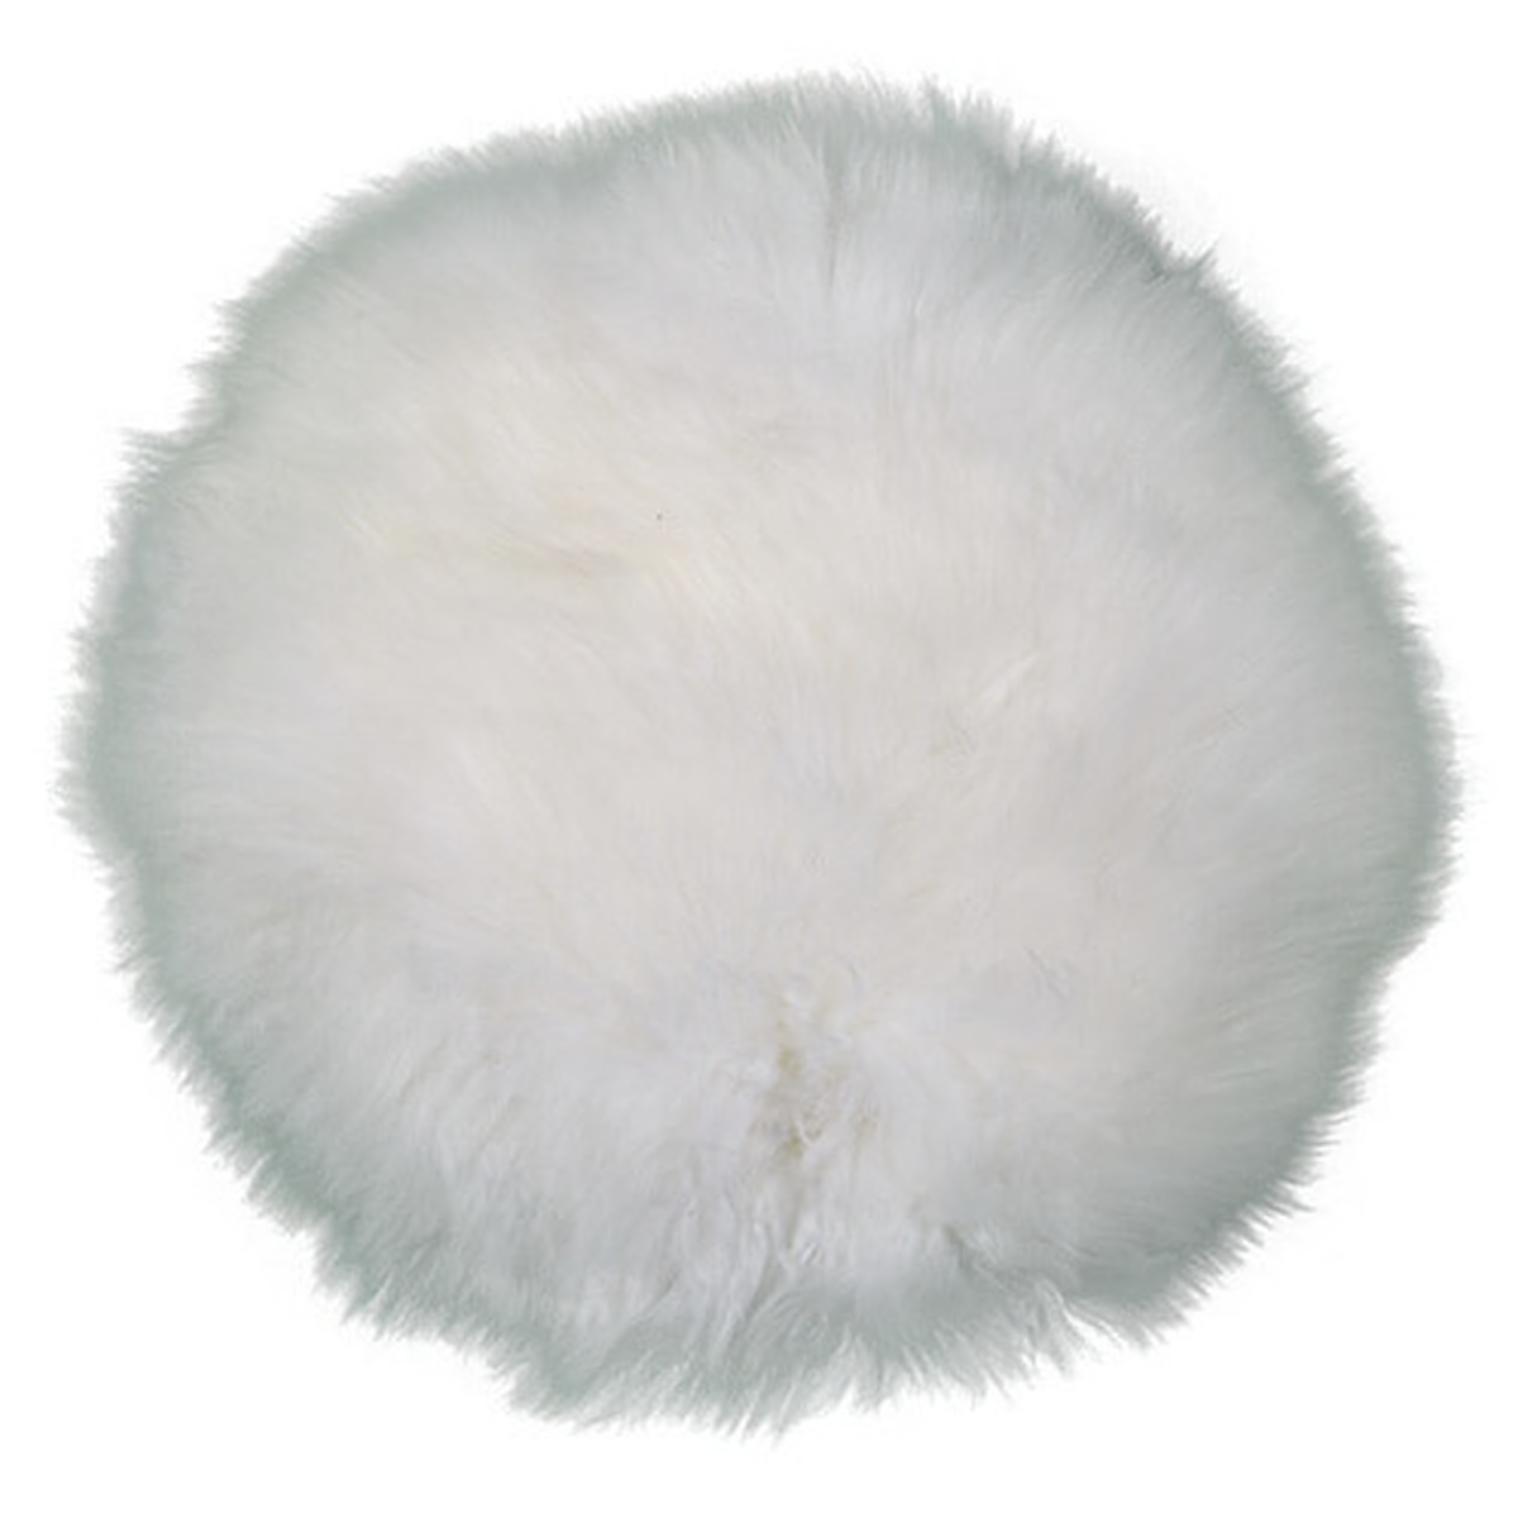 Shearling Pillow